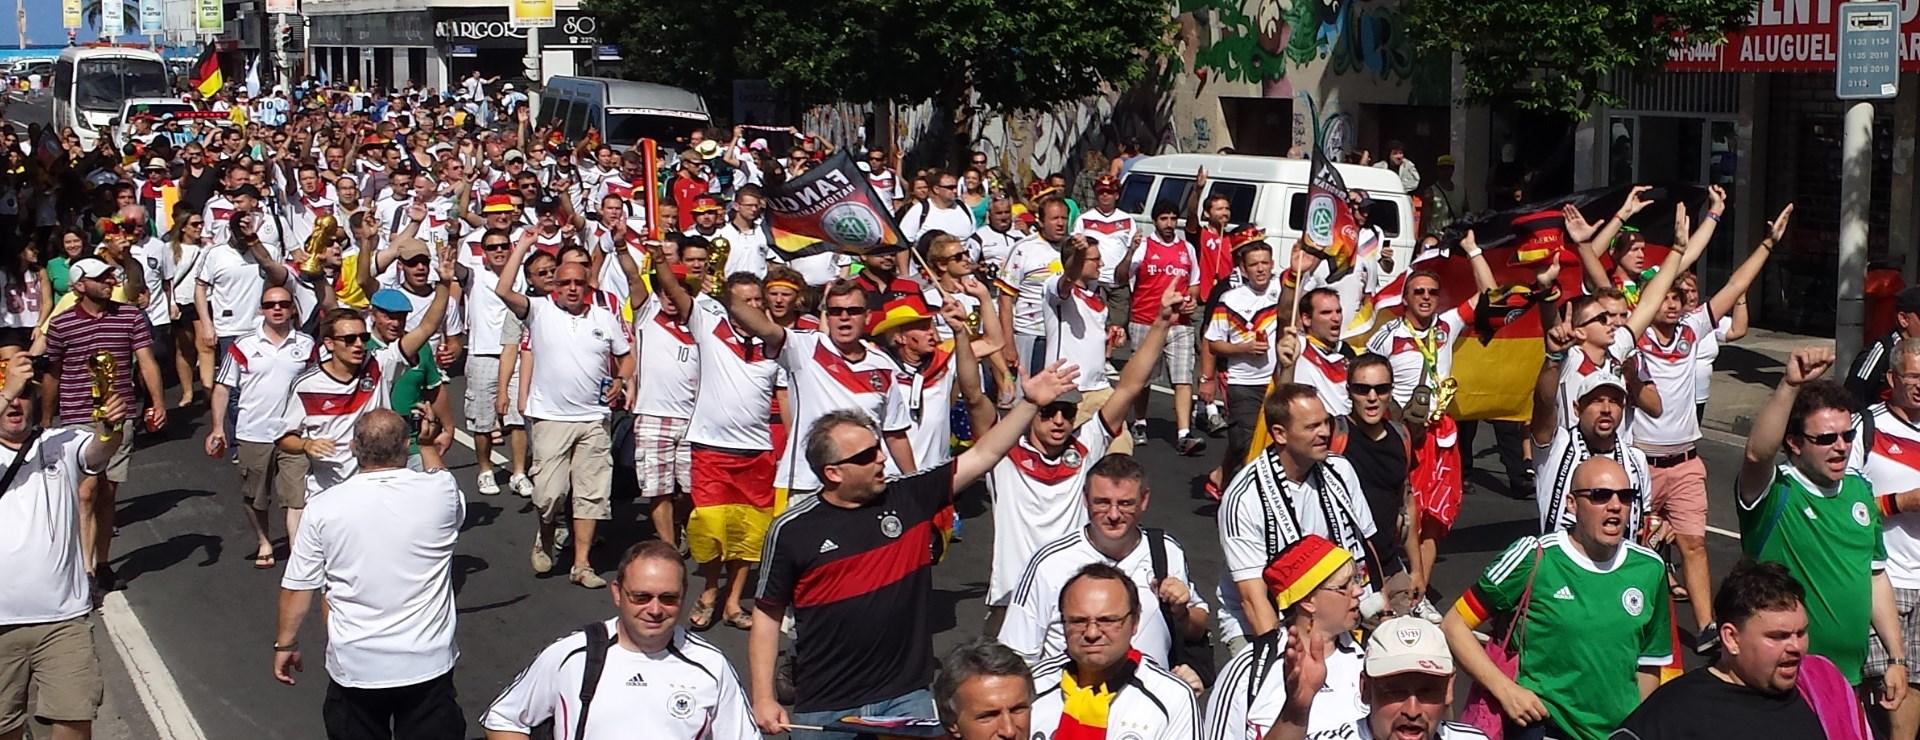 Agentur W-com rockt die WM: der Fan Club Nationalmannschaft in Brasilien